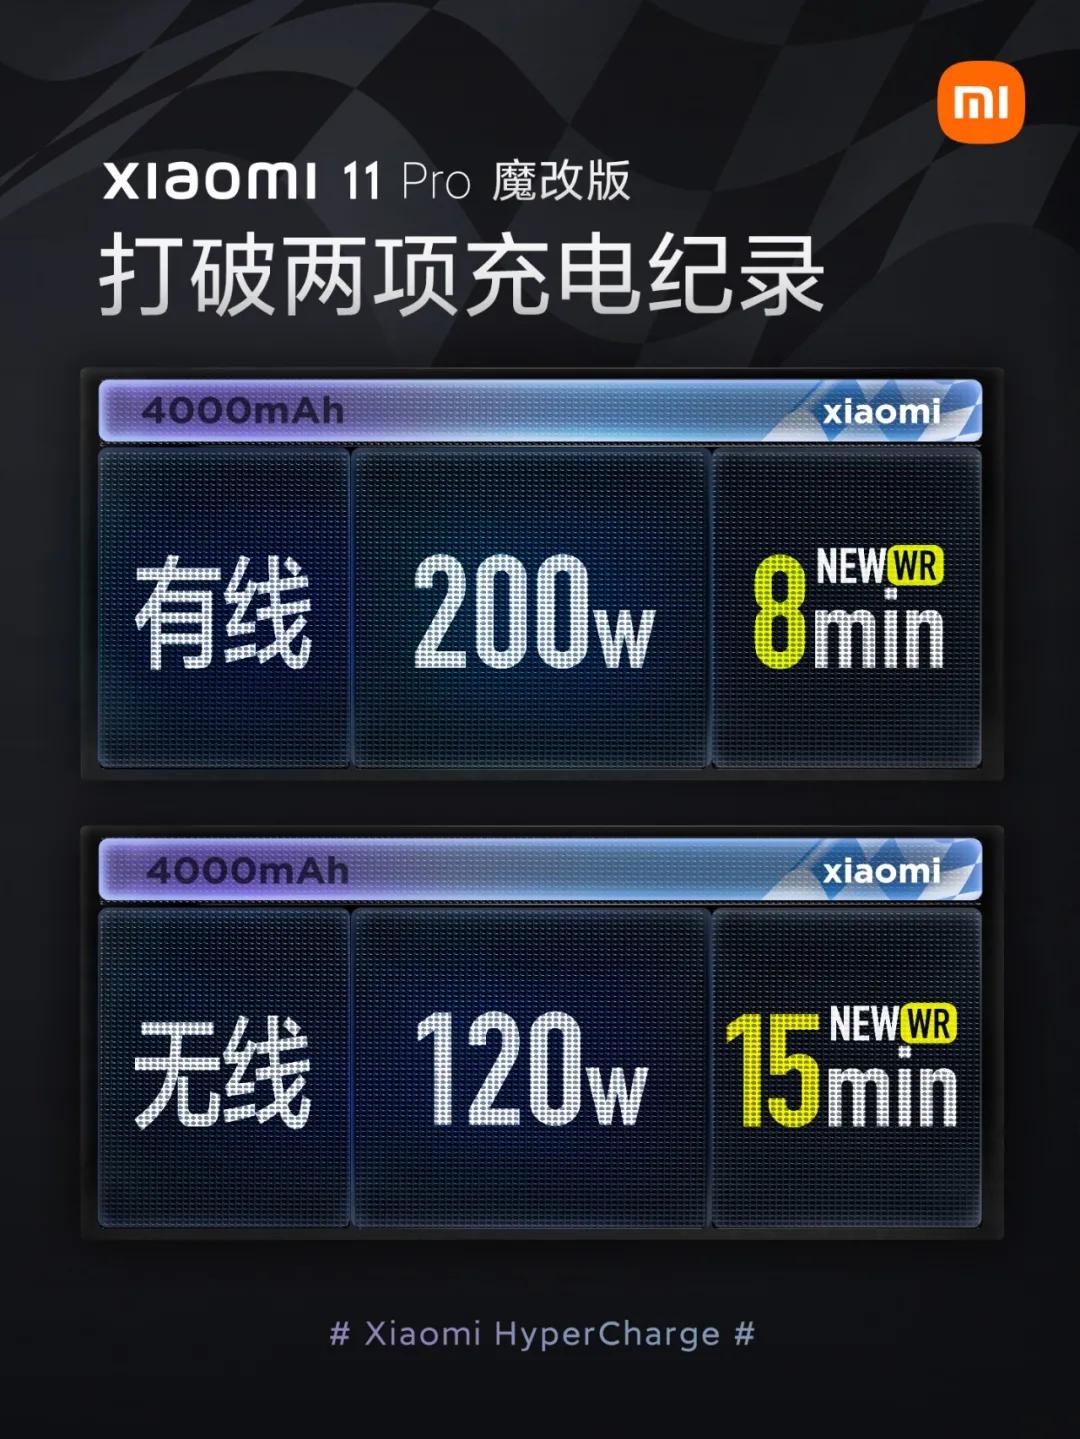 小米首发200W有线+120W无线快充